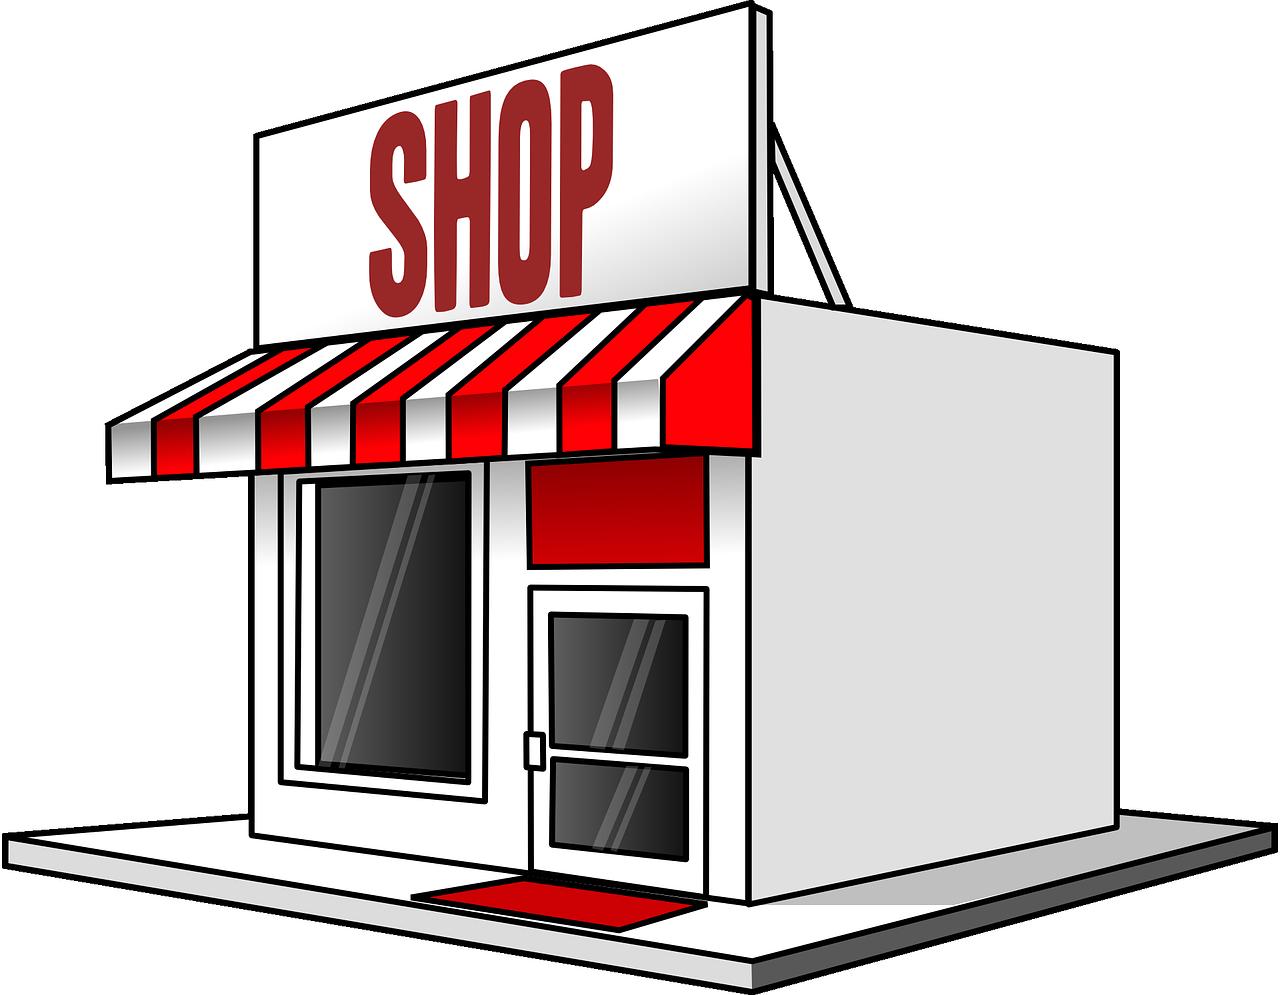 お店・登録販売者のイメージ画像